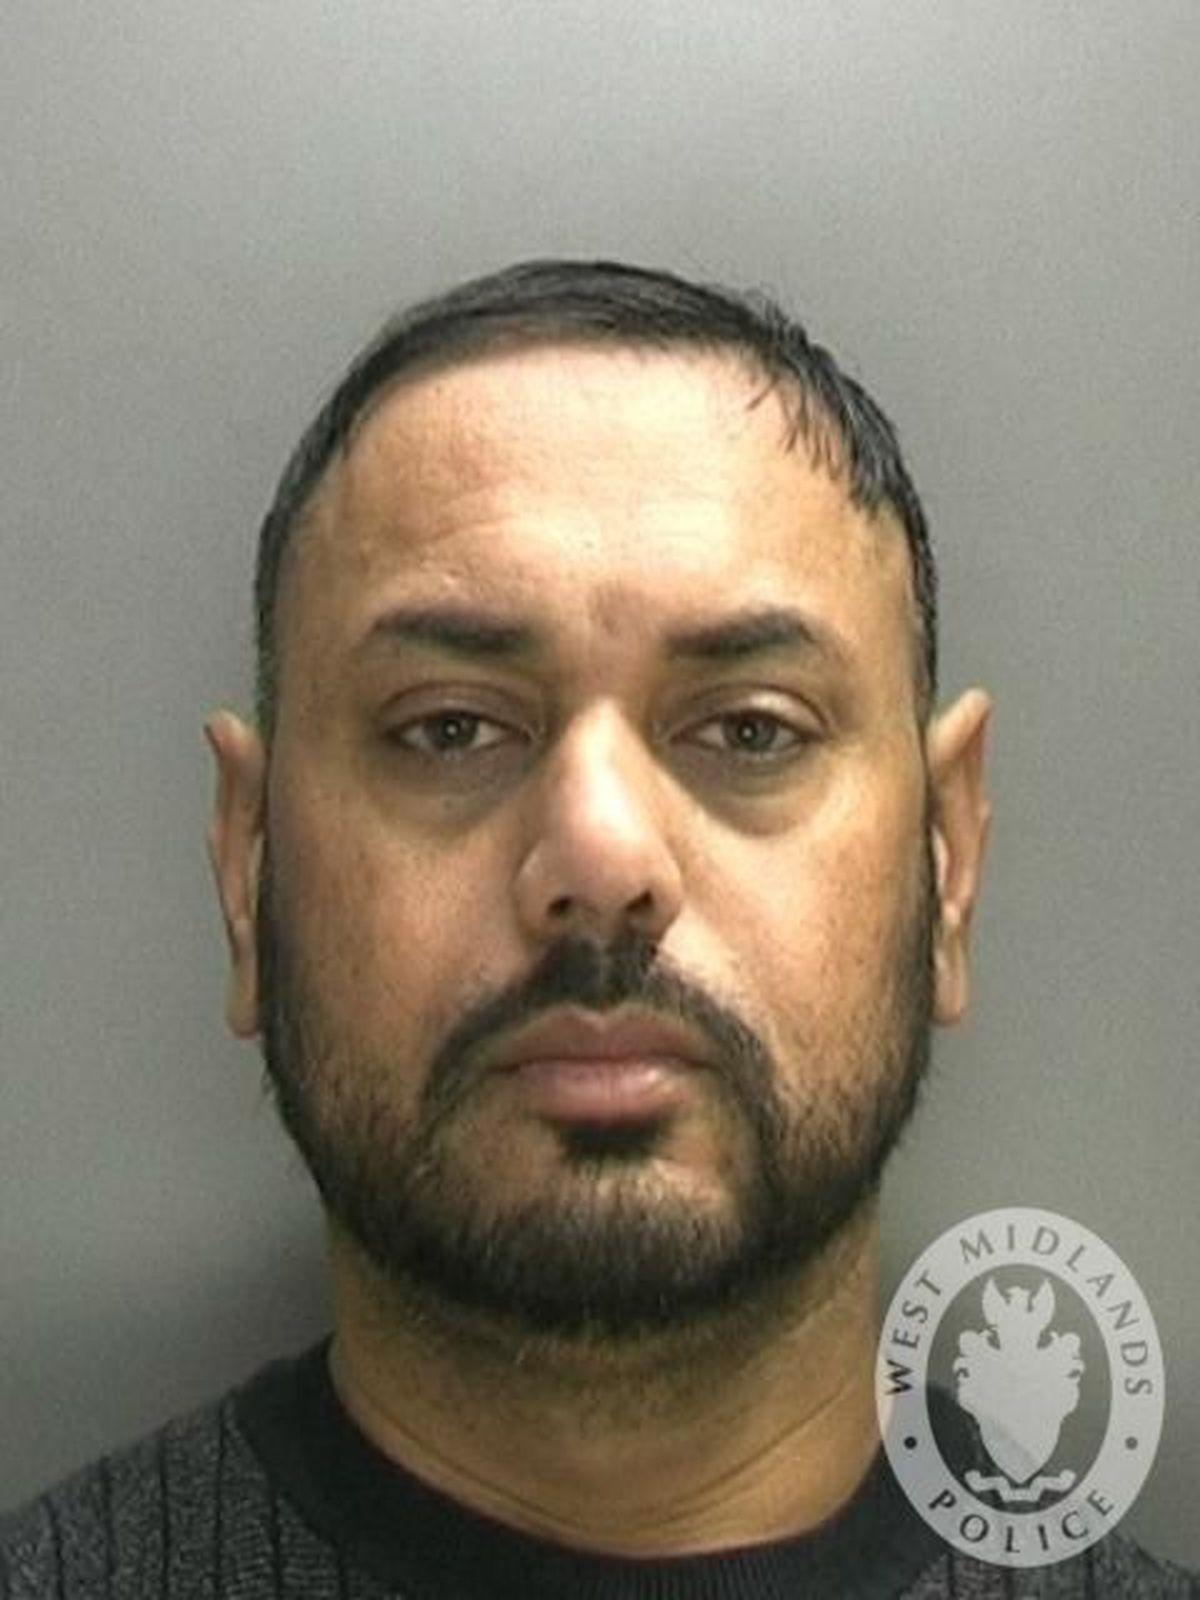 Gurpreet Singh. Pic: West Midlands Police